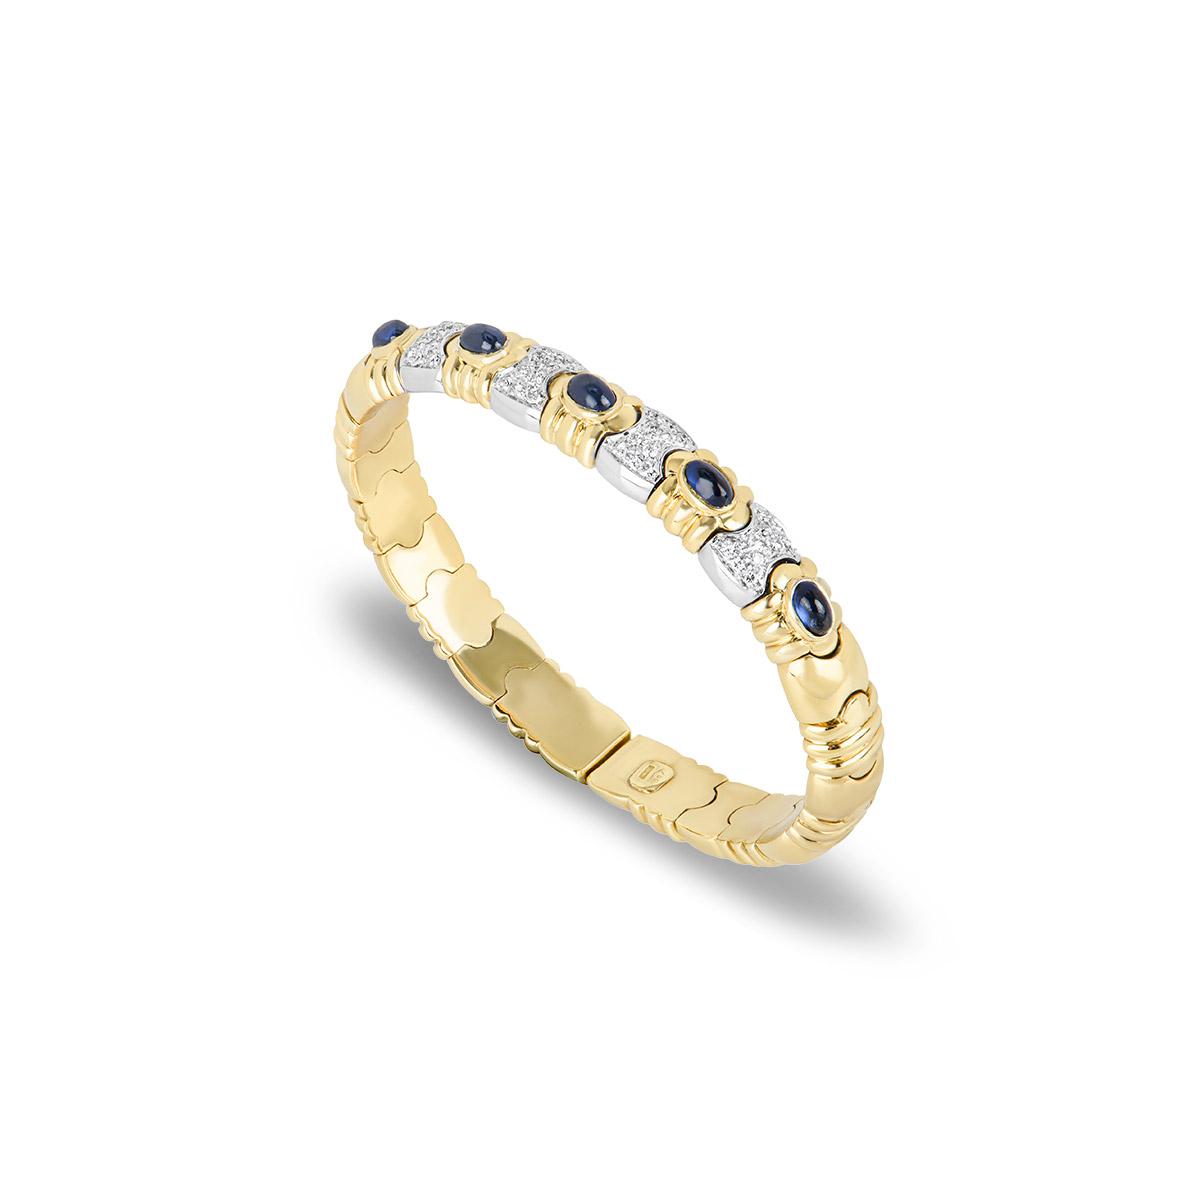 Yellow & White Gold Sapphire and Diamond Cuff Bangle